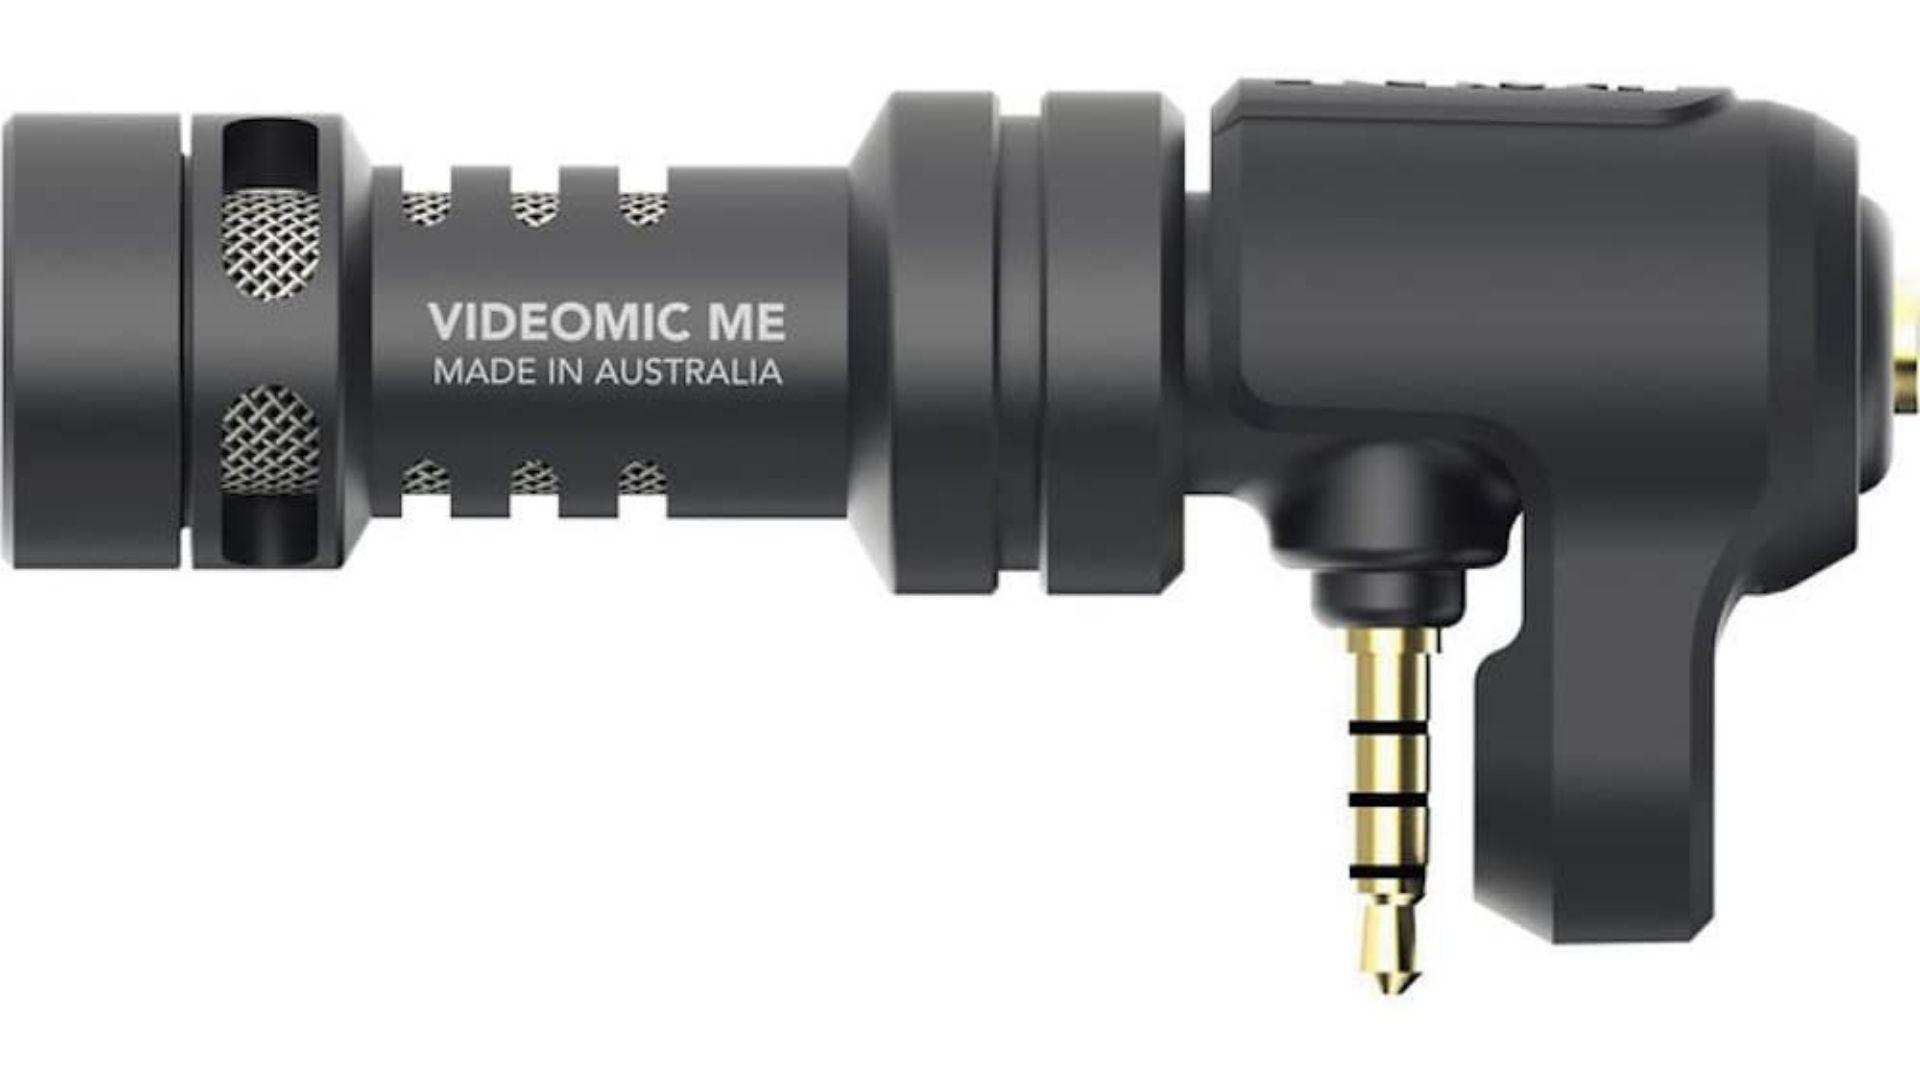 Microfone para celular escrito Videomic Me Made in Australia em fundo branco